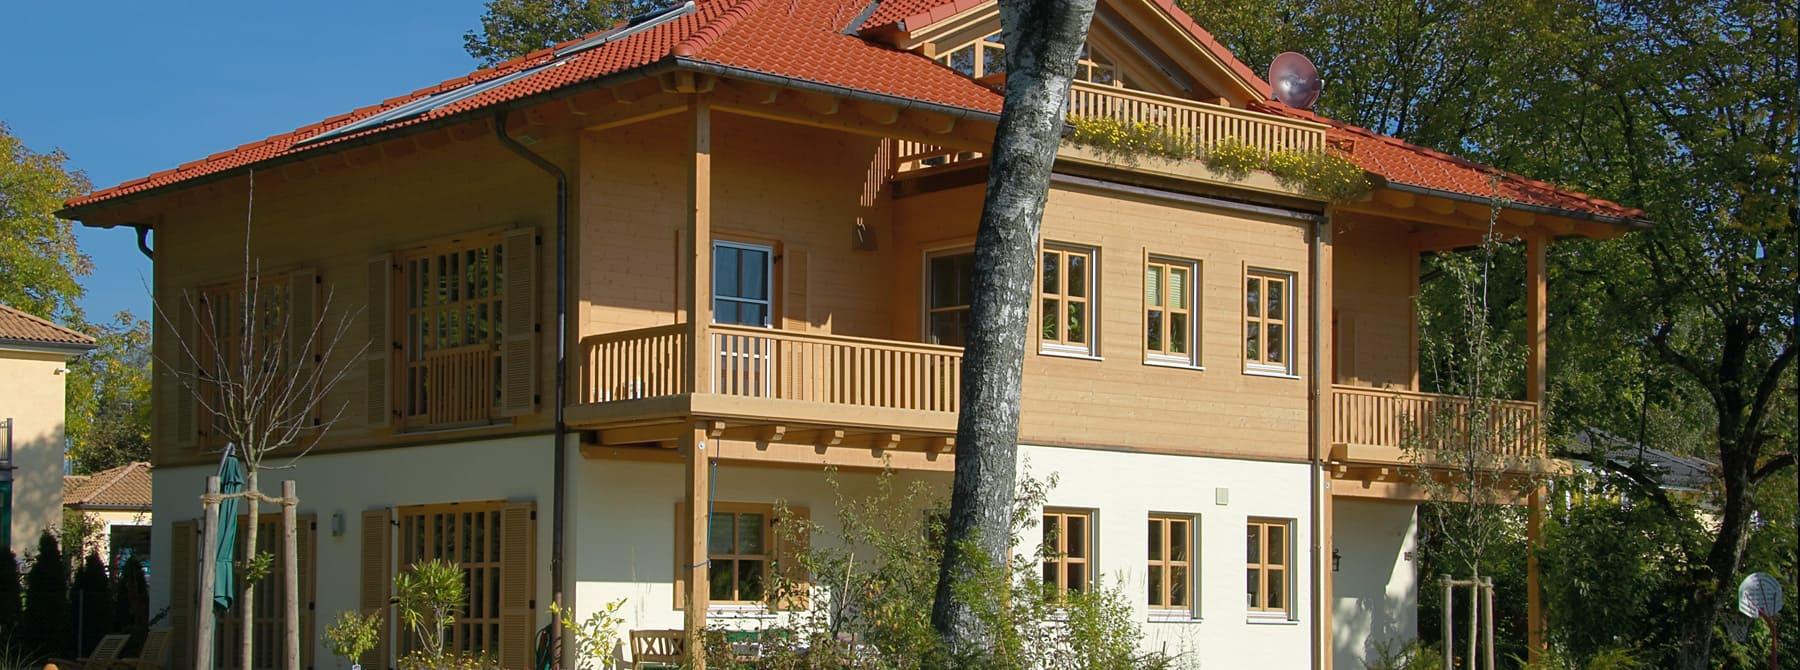 ^ Kundenhaus Seitz - ein elegantes Holzhaus von Sonnleitner.de ...